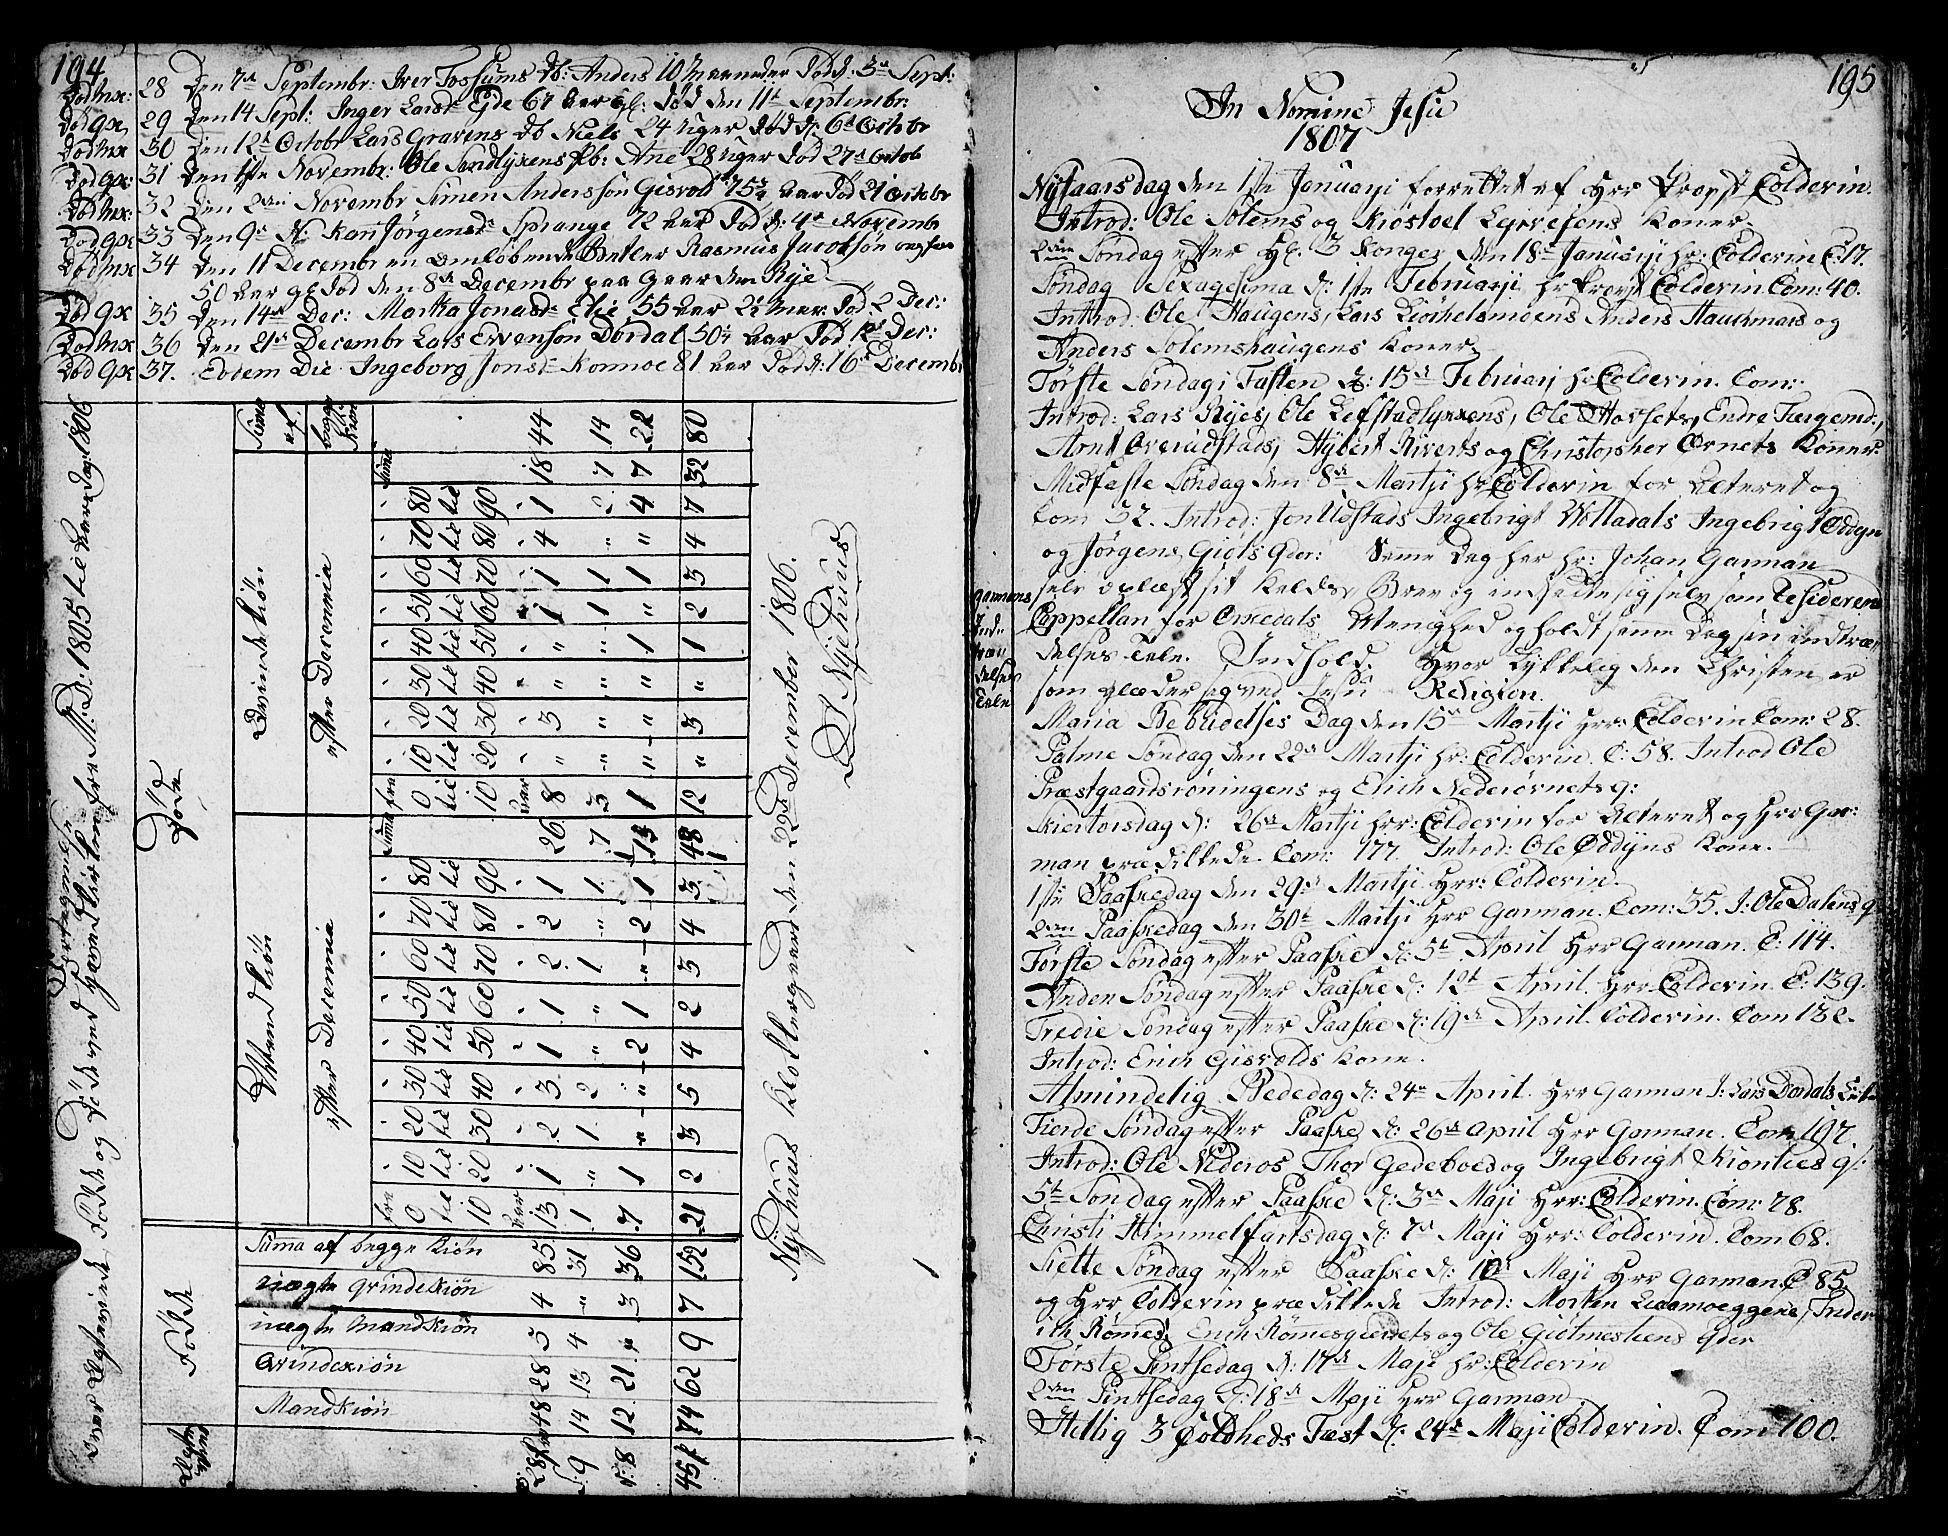 SAT, Ministerialprotokoller, klokkerbøker og fødselsregistre - Sør-Trøndelag, 668/L0815: Klokkerbok nr. 668C04, 1791-1815, s. 194-195